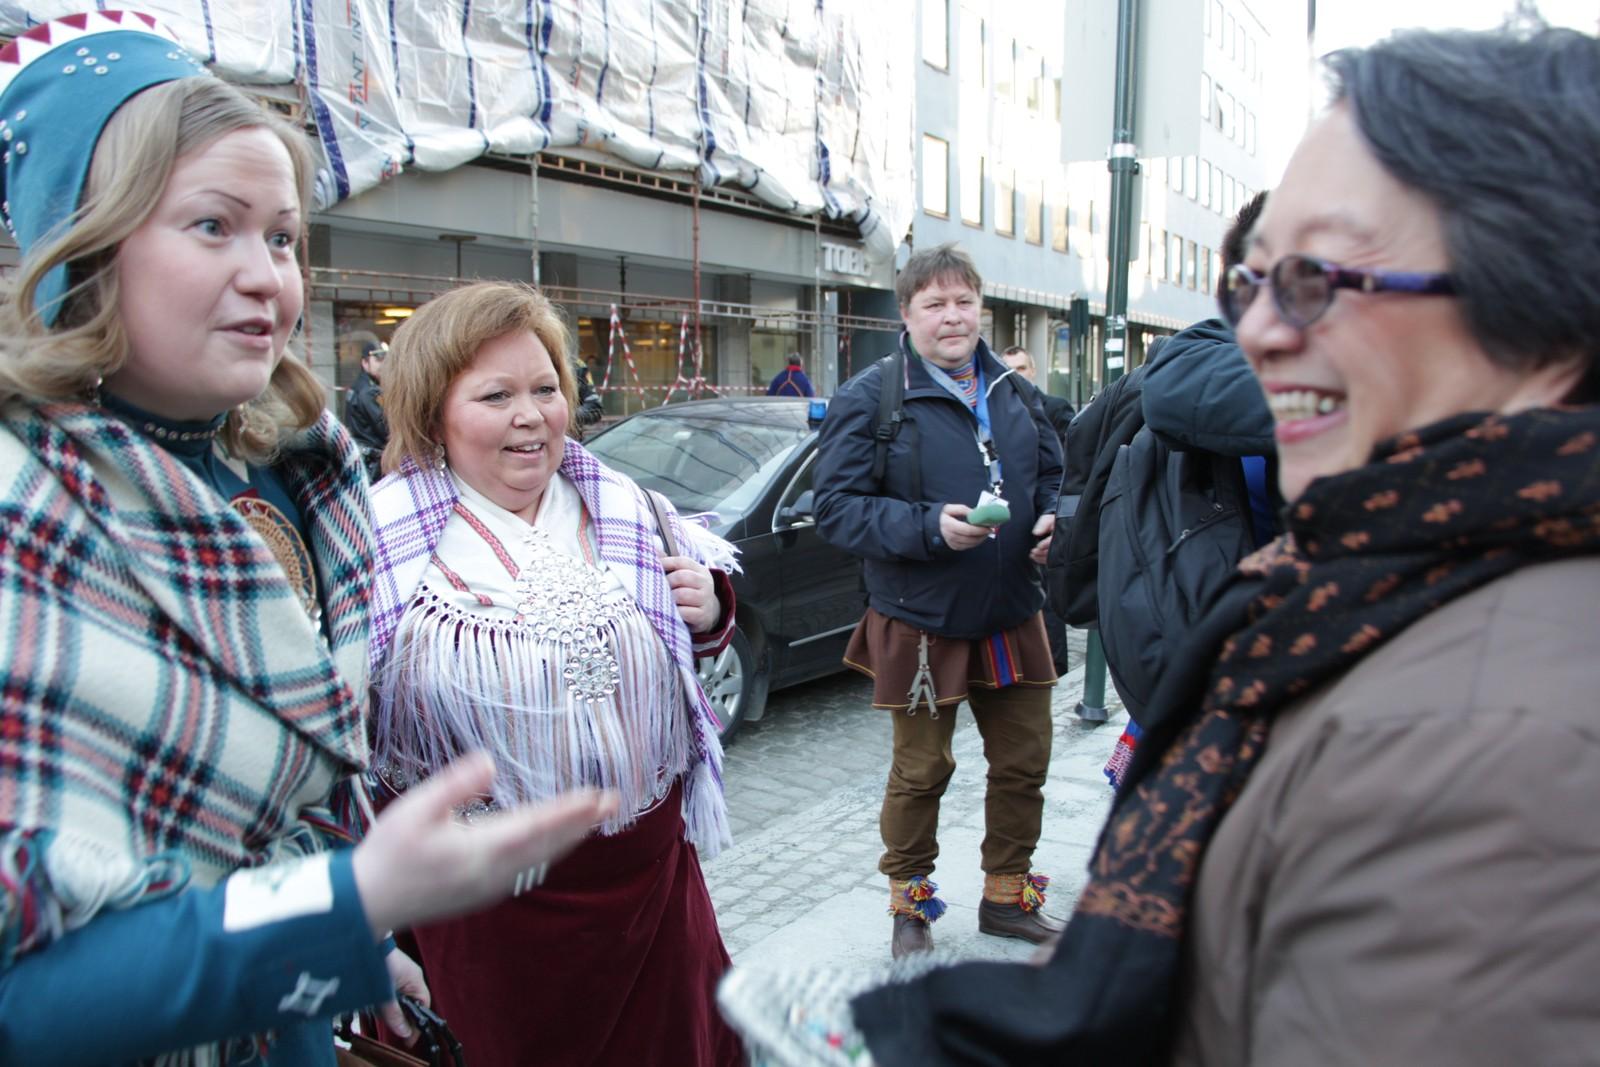 Den finske sametingspresidenten Tiina Sanila-Aikio, den norske sametingspresidenten Vibeke Larsen (uavhengig), sammen med FNs spesialrapportør for urfolksrettigheter, Victoria Tauli-Corpuz fra Filippinene.